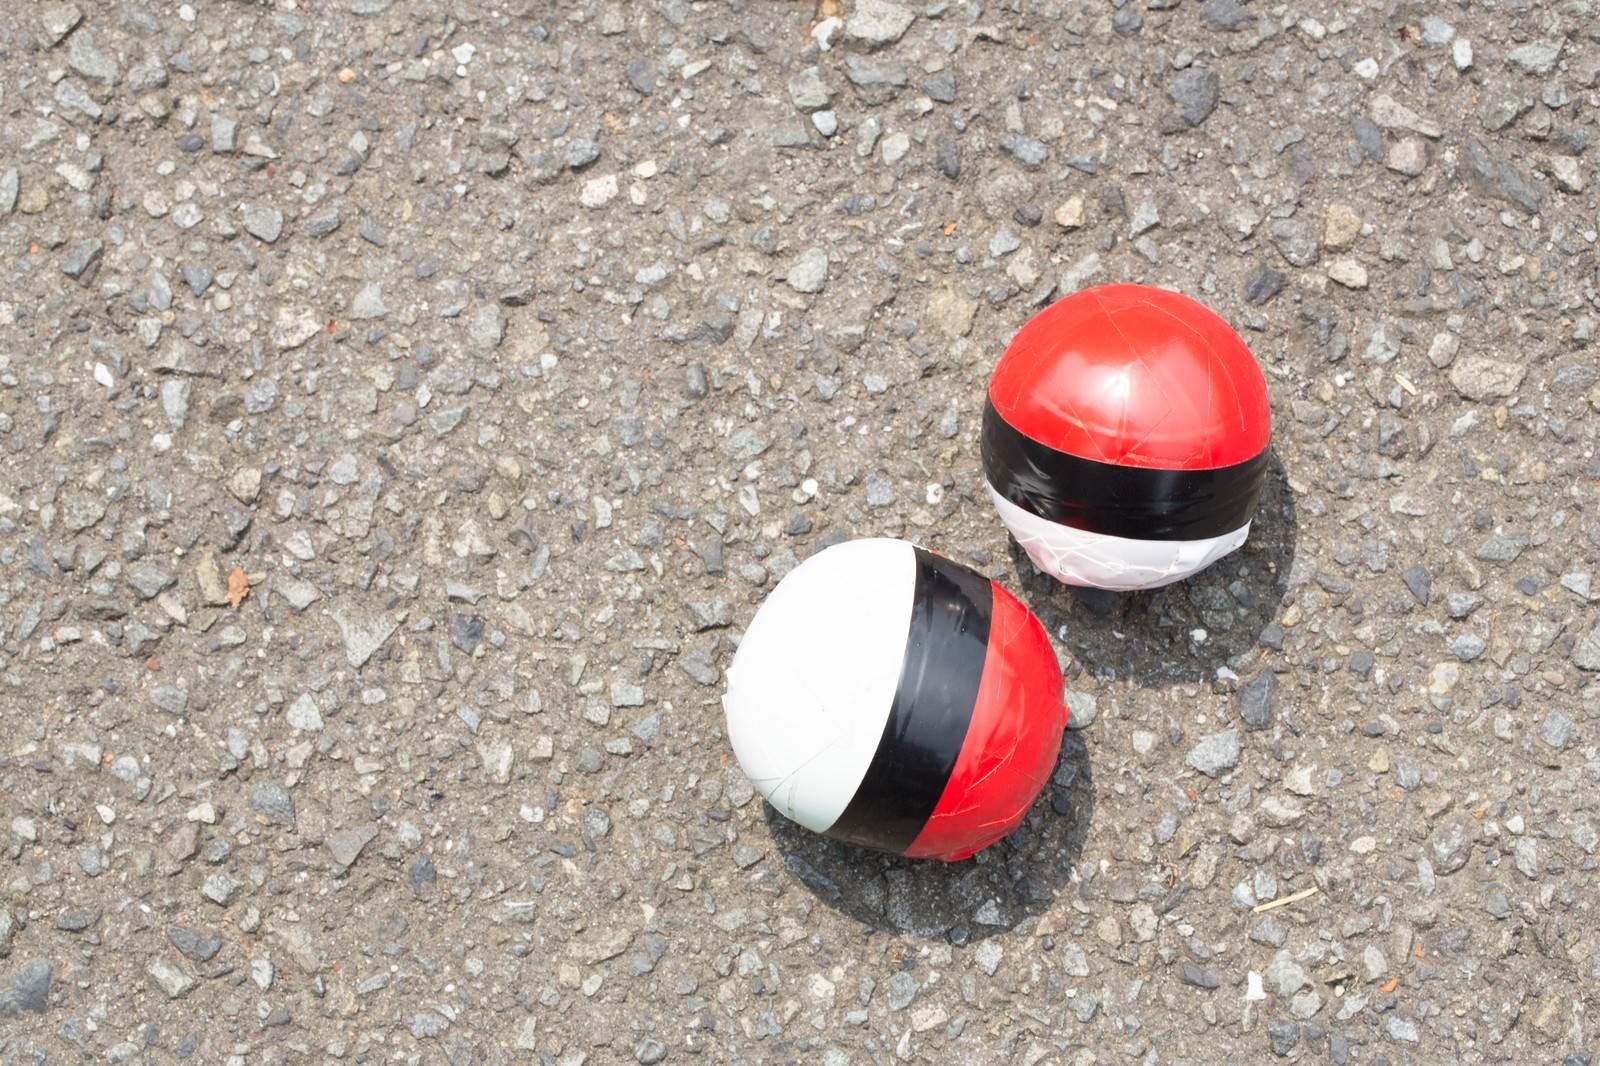 「炎天下のアスファルトと紅白ボール」の写真